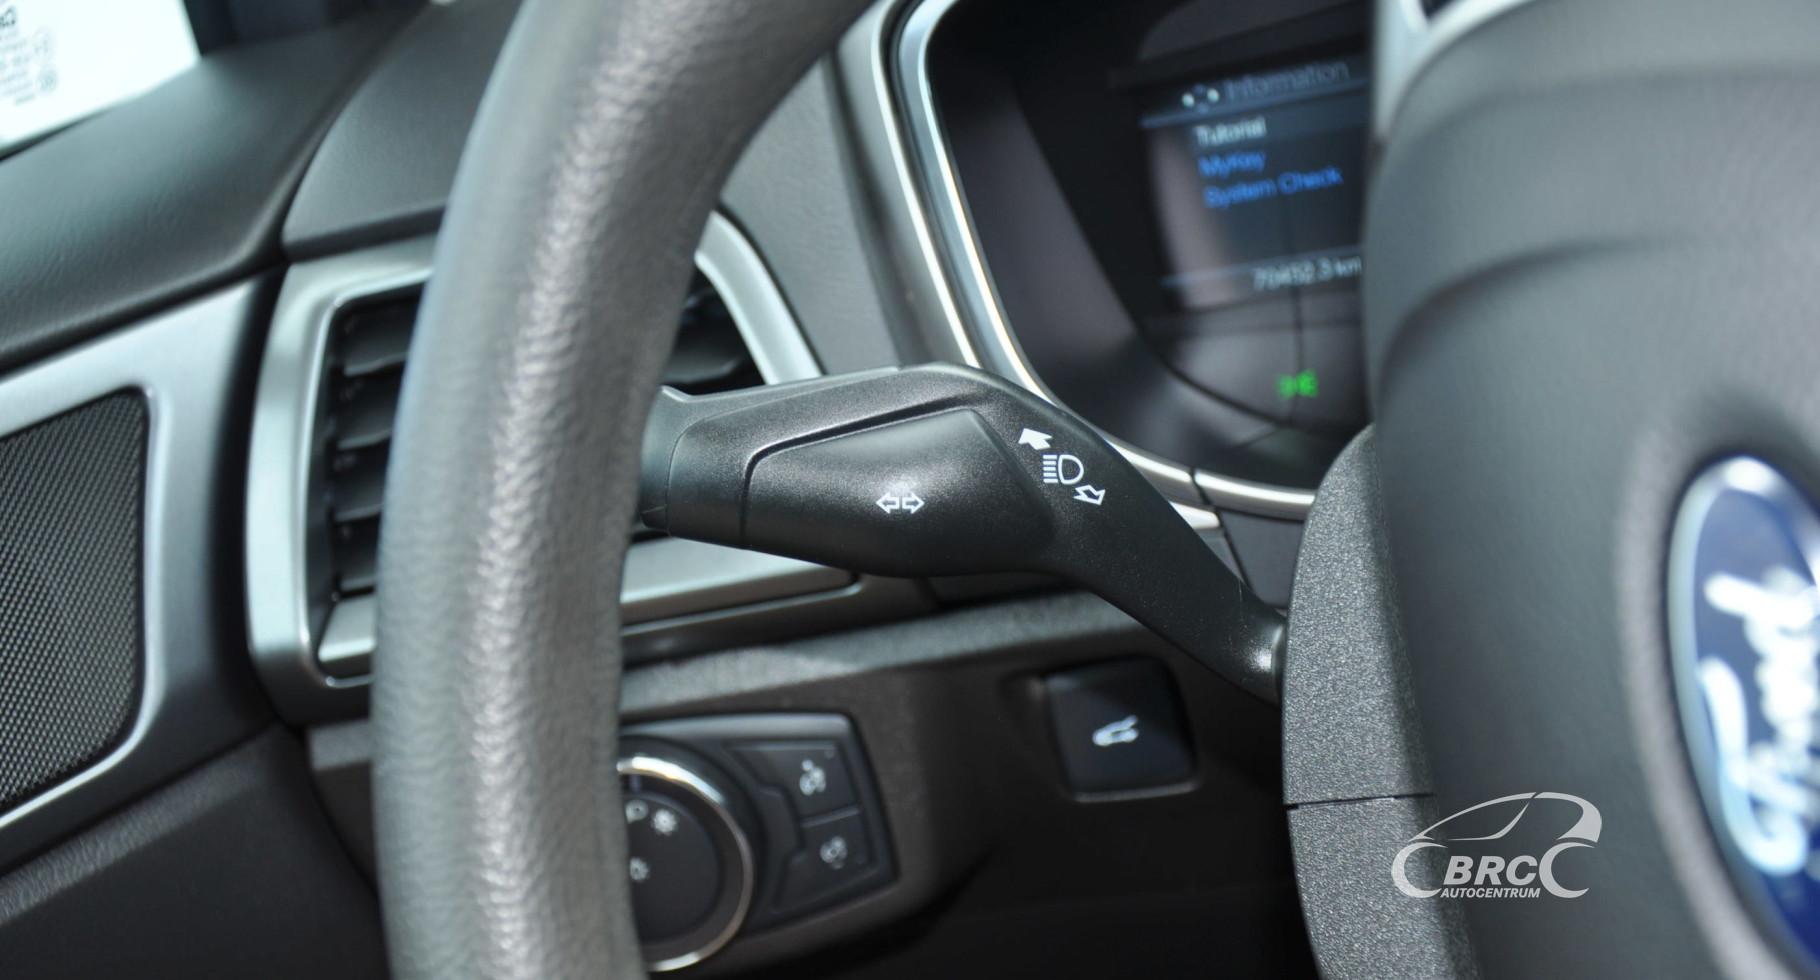 Ford Fusion 2.0i Hybrid Automatas